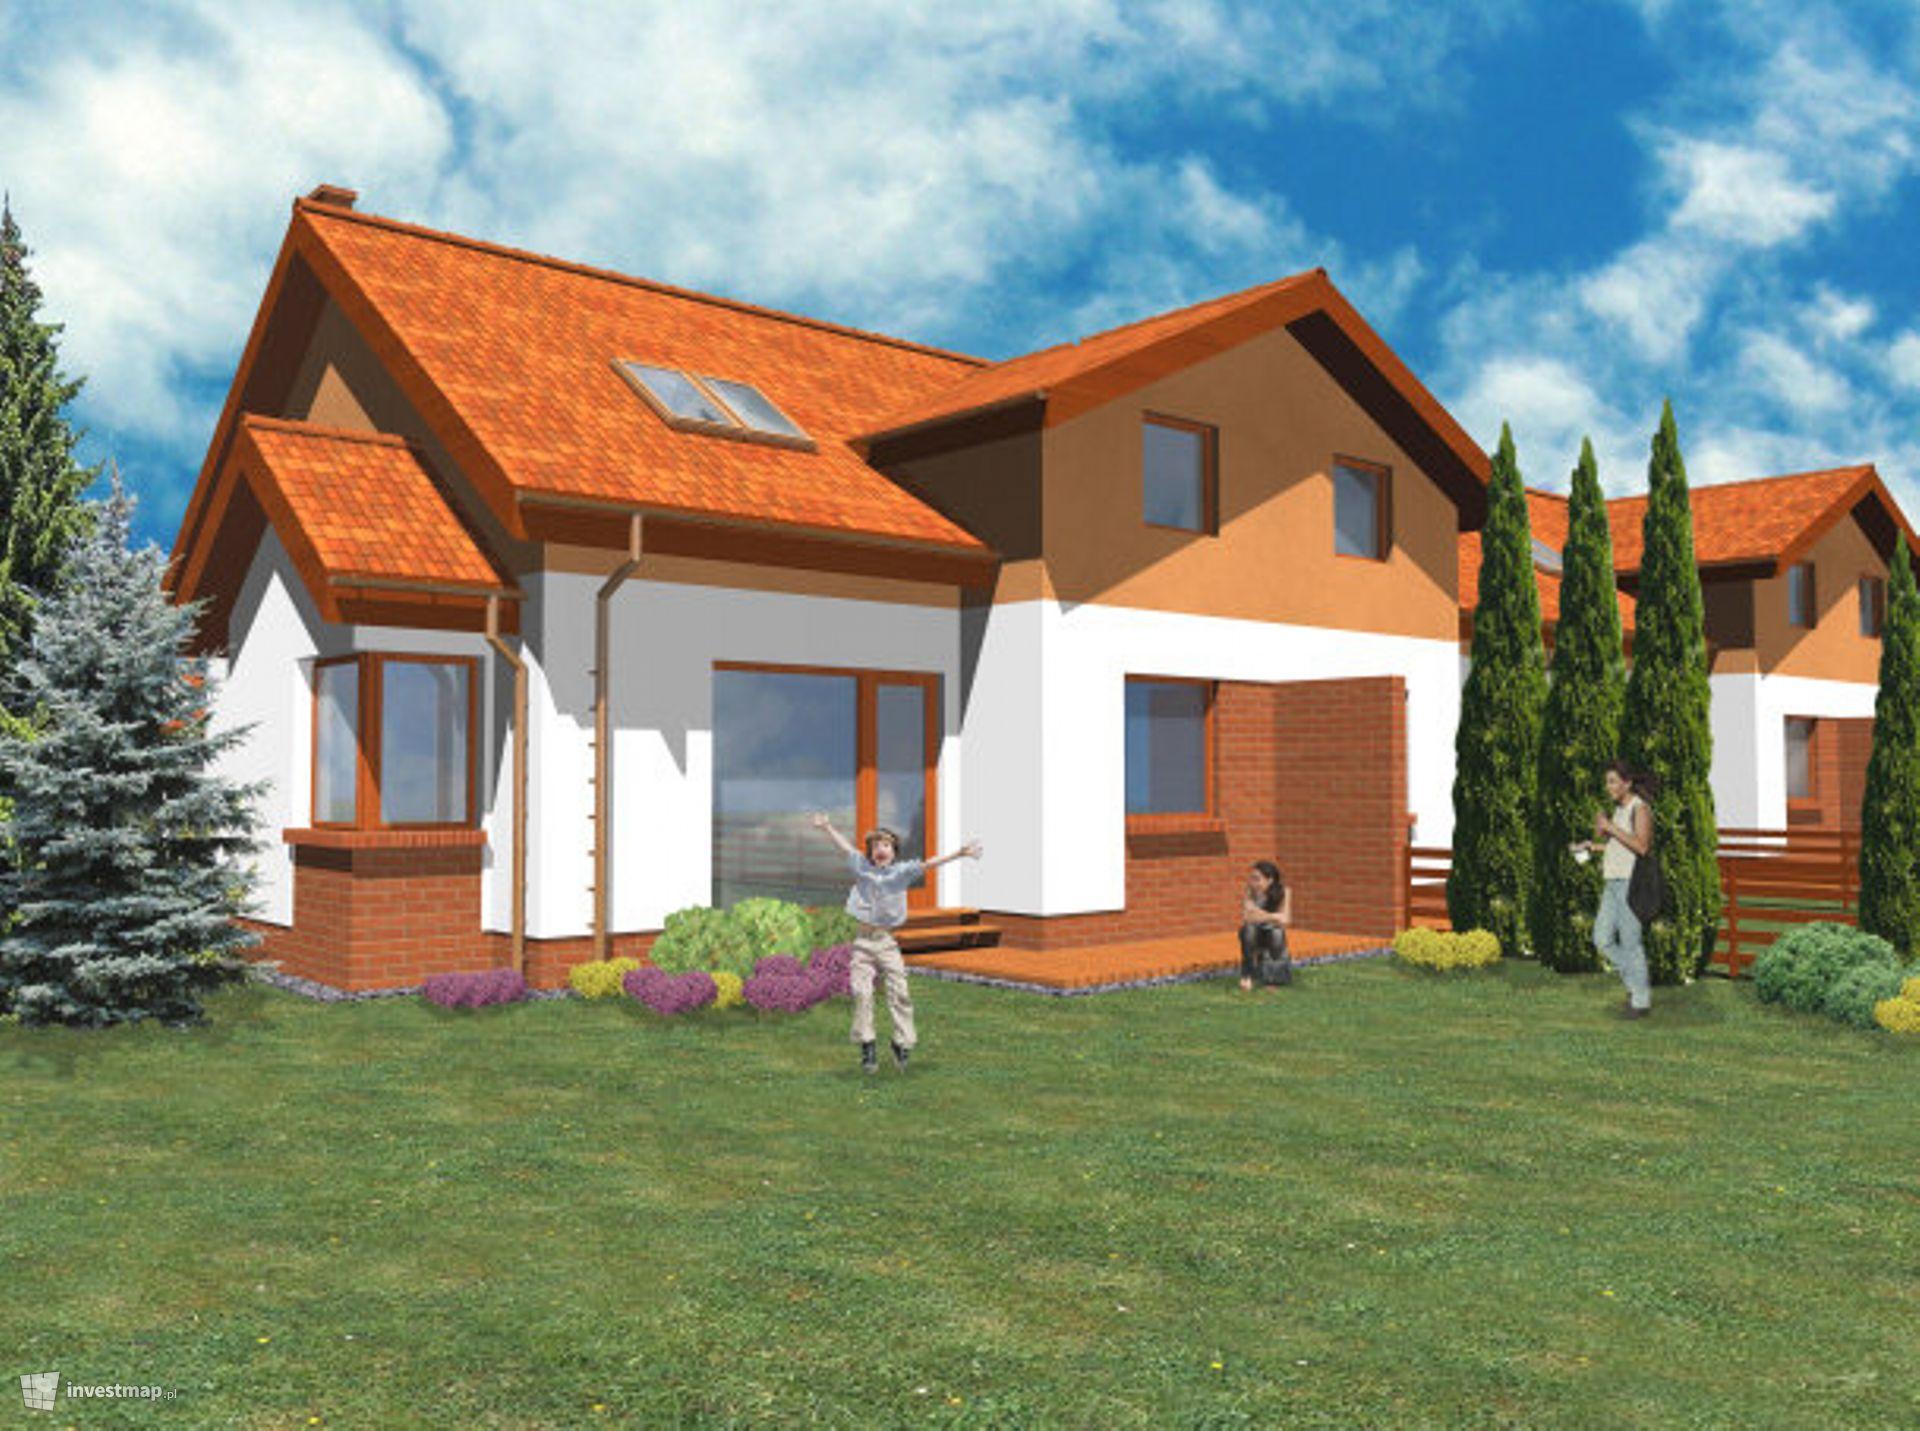 Zielone Osiedle - 150 domów